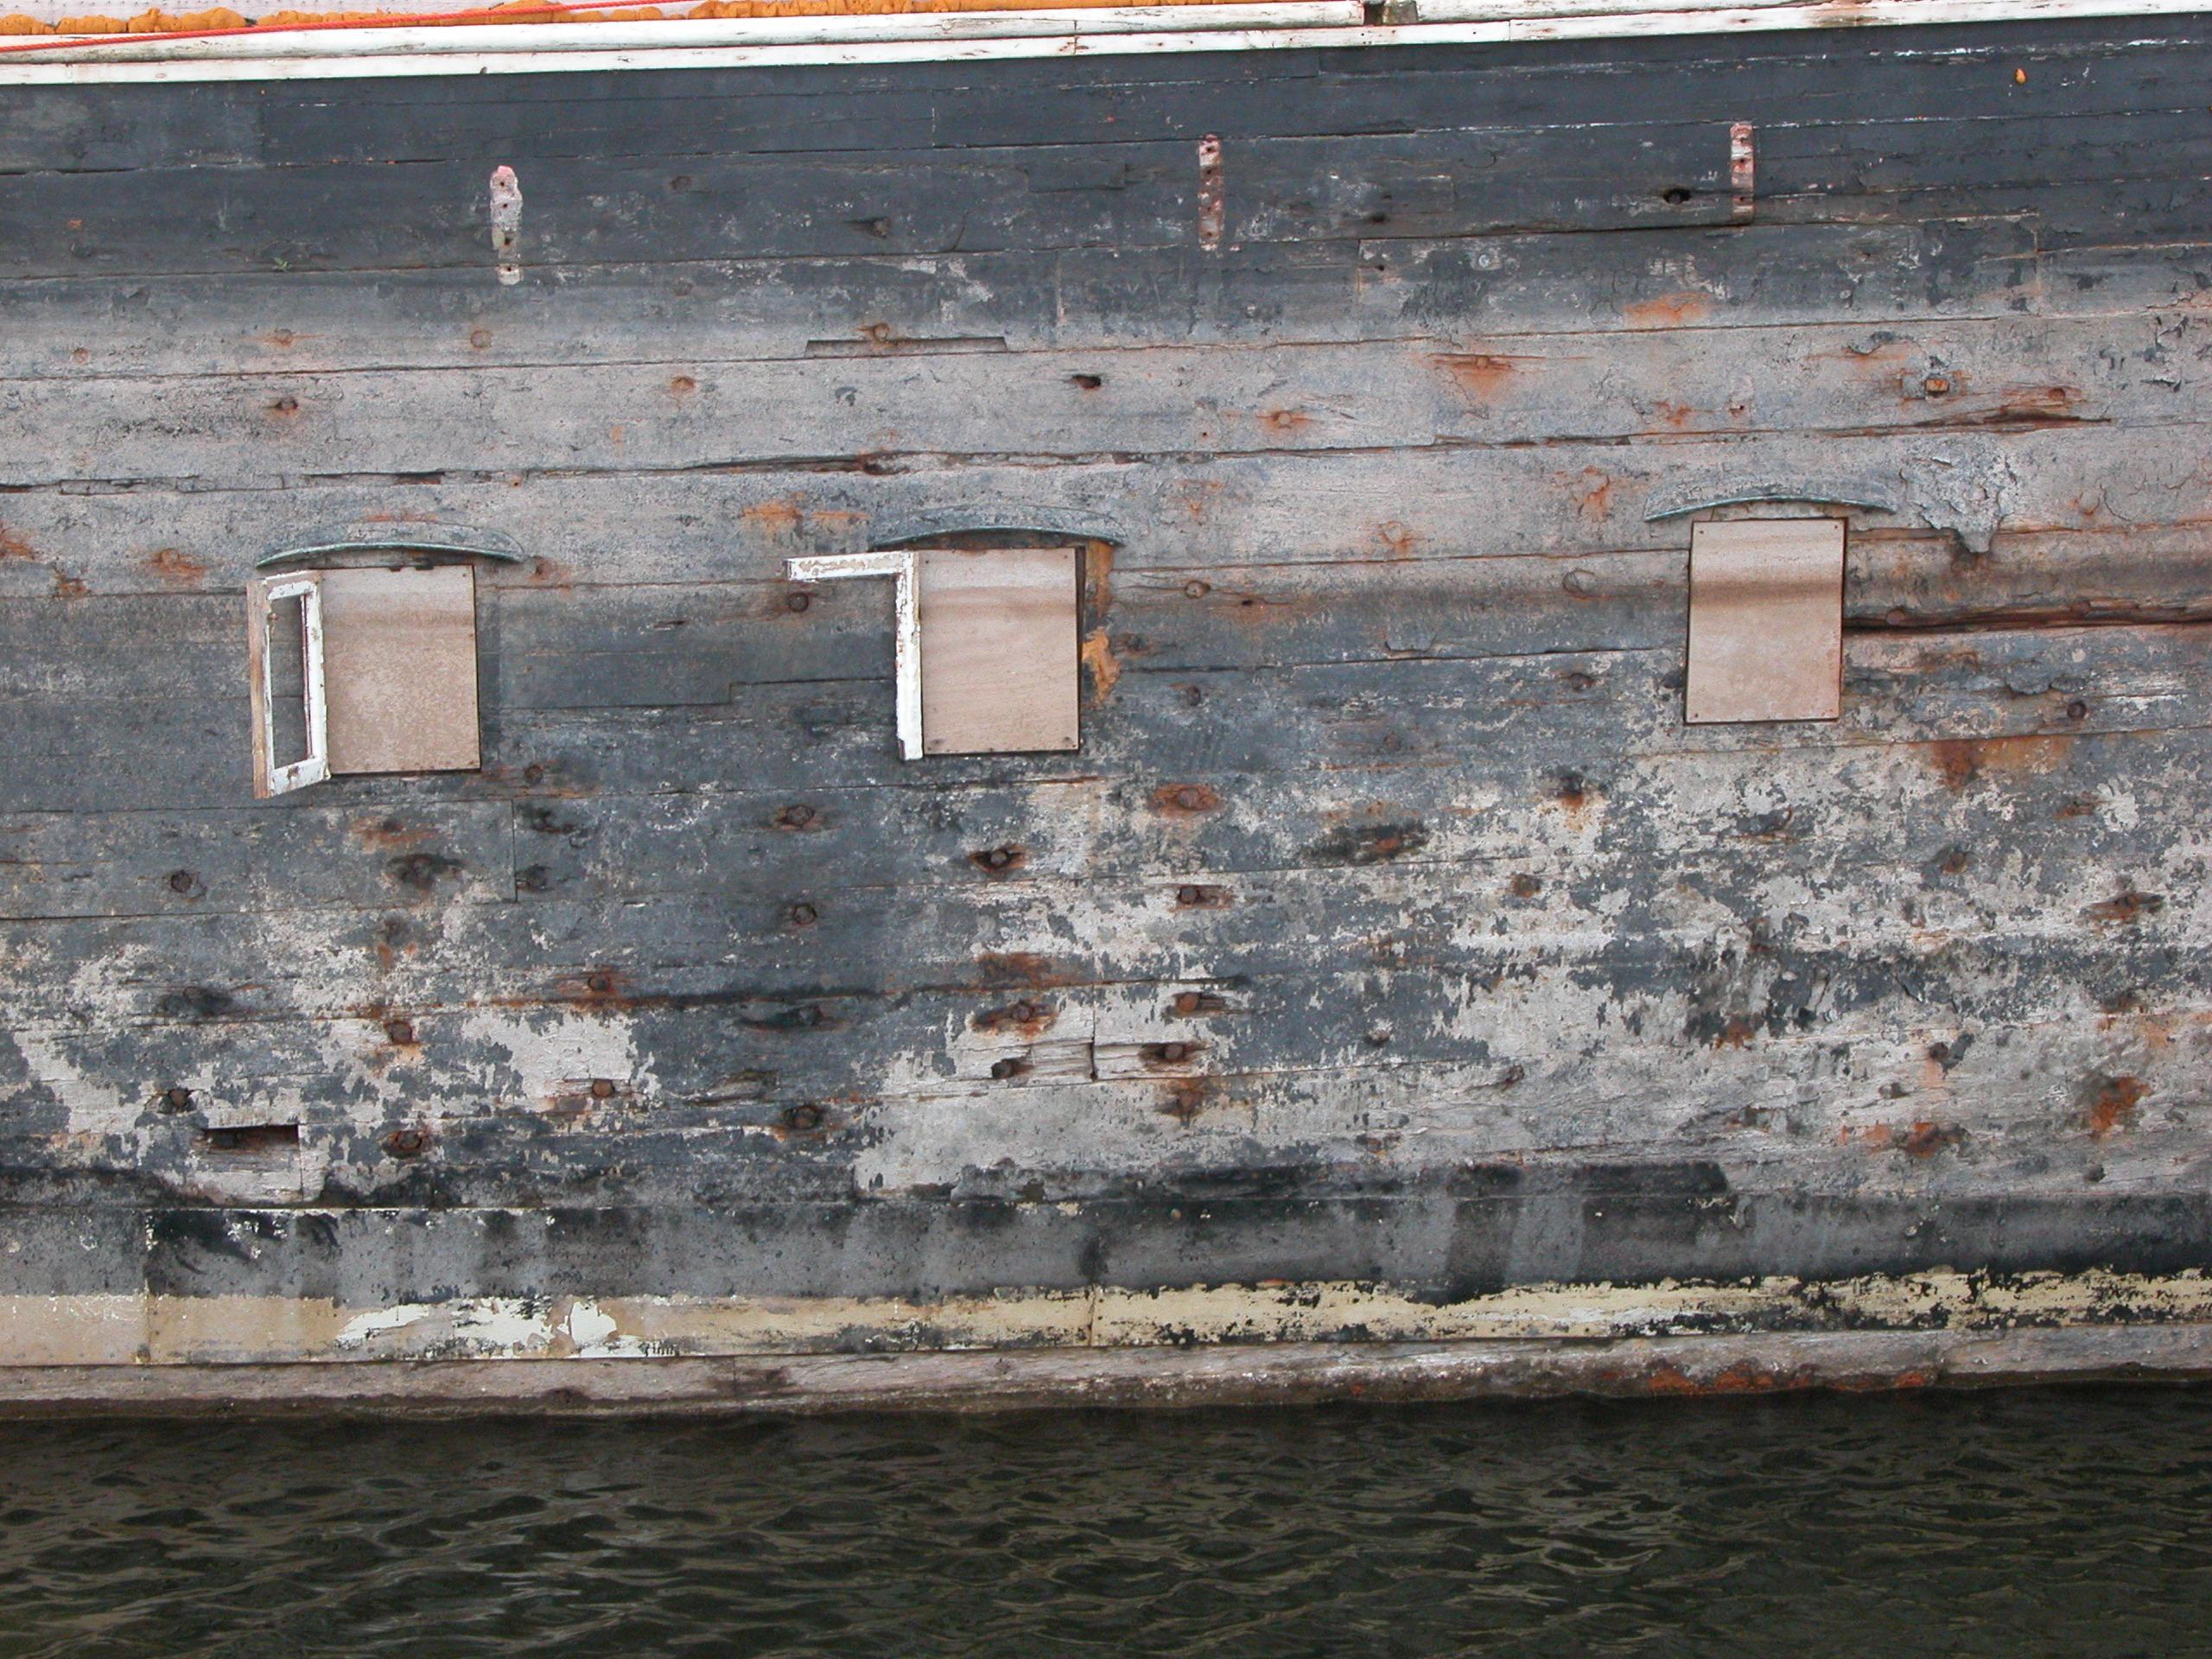 wooden boat side windows boarded up